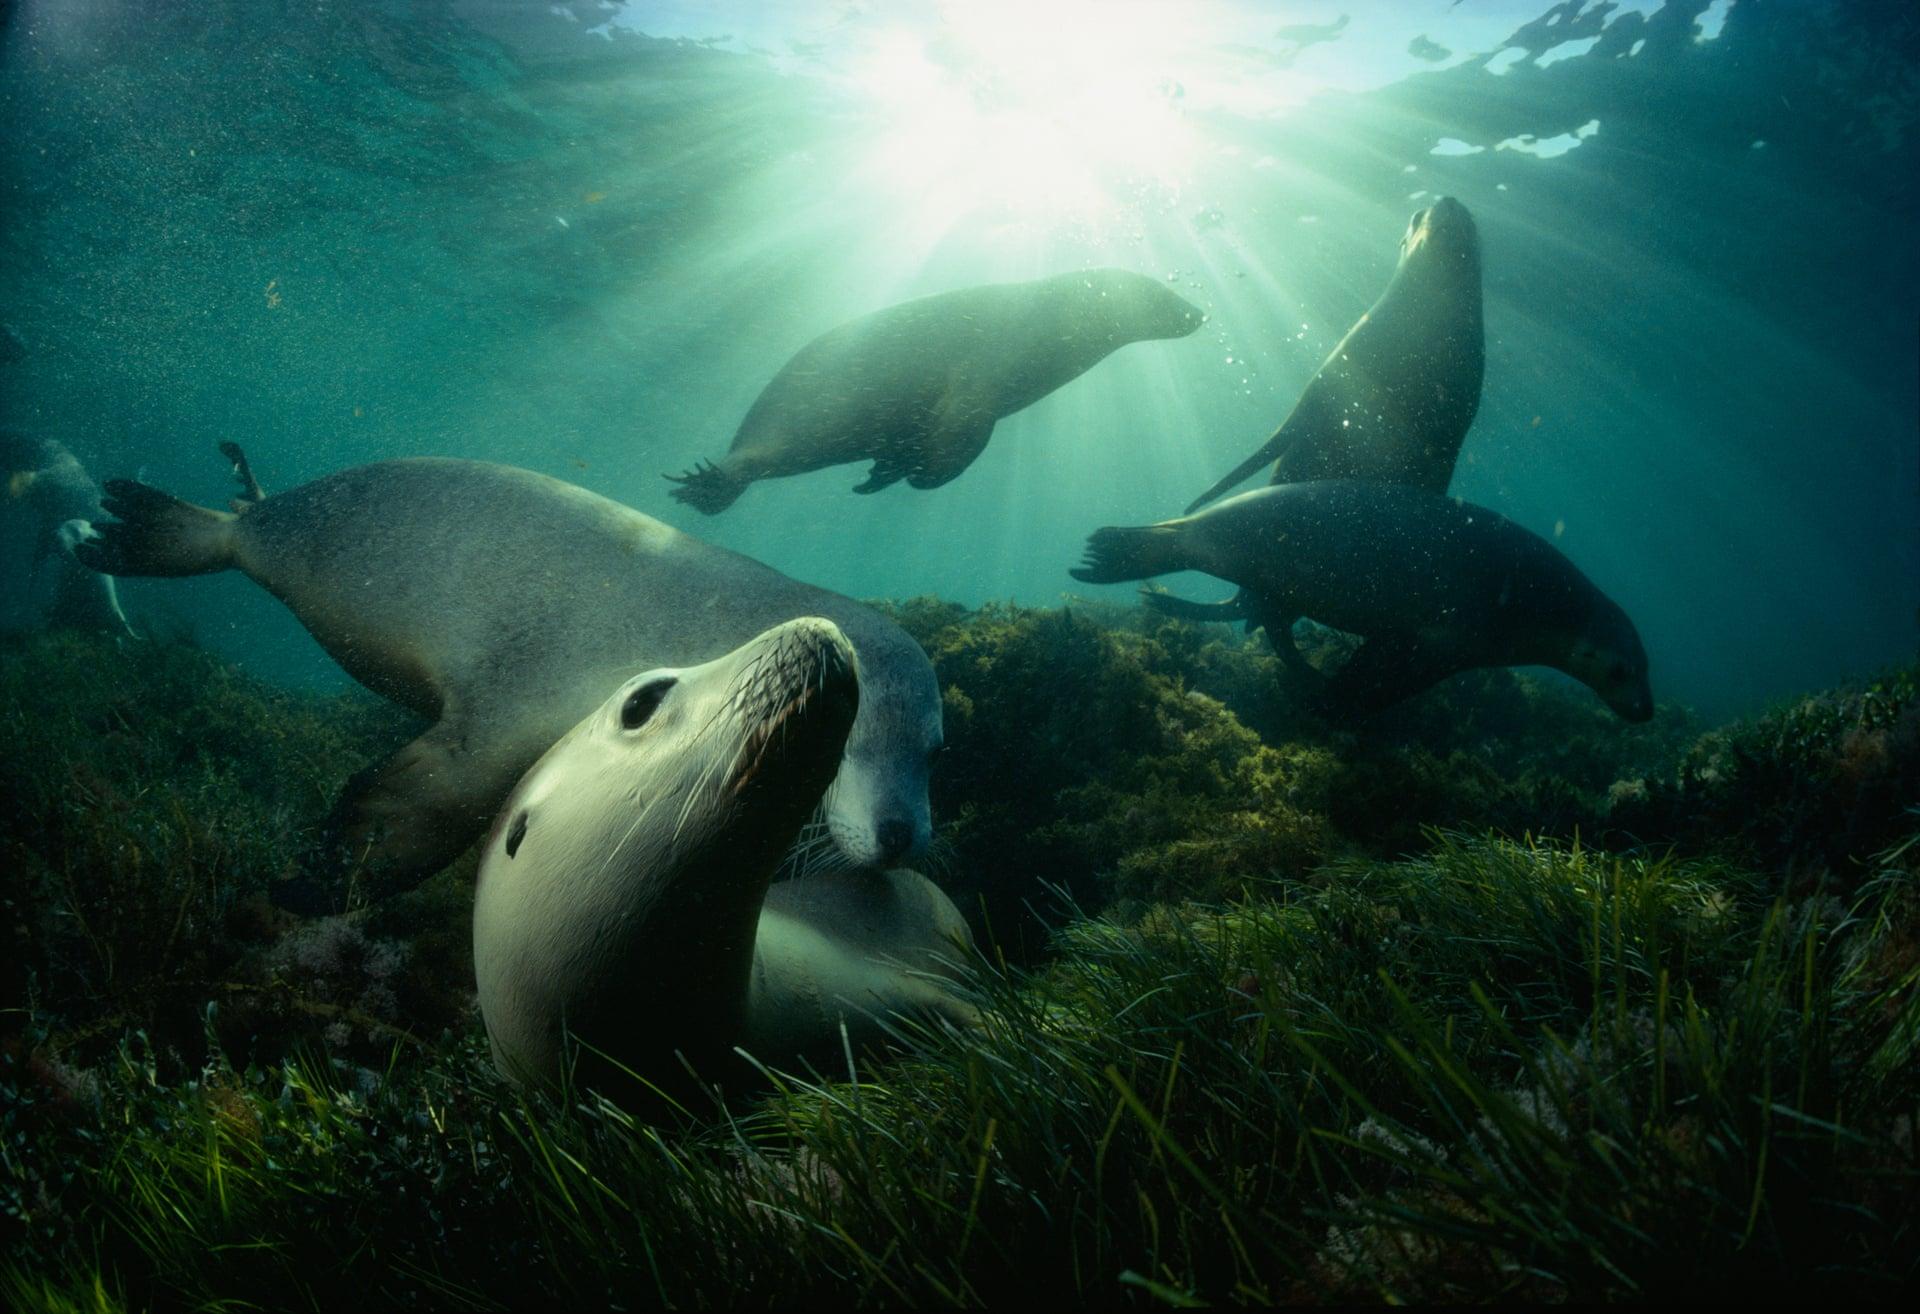 регулярному выполнению животные живущие в океане в картинках метки верхние